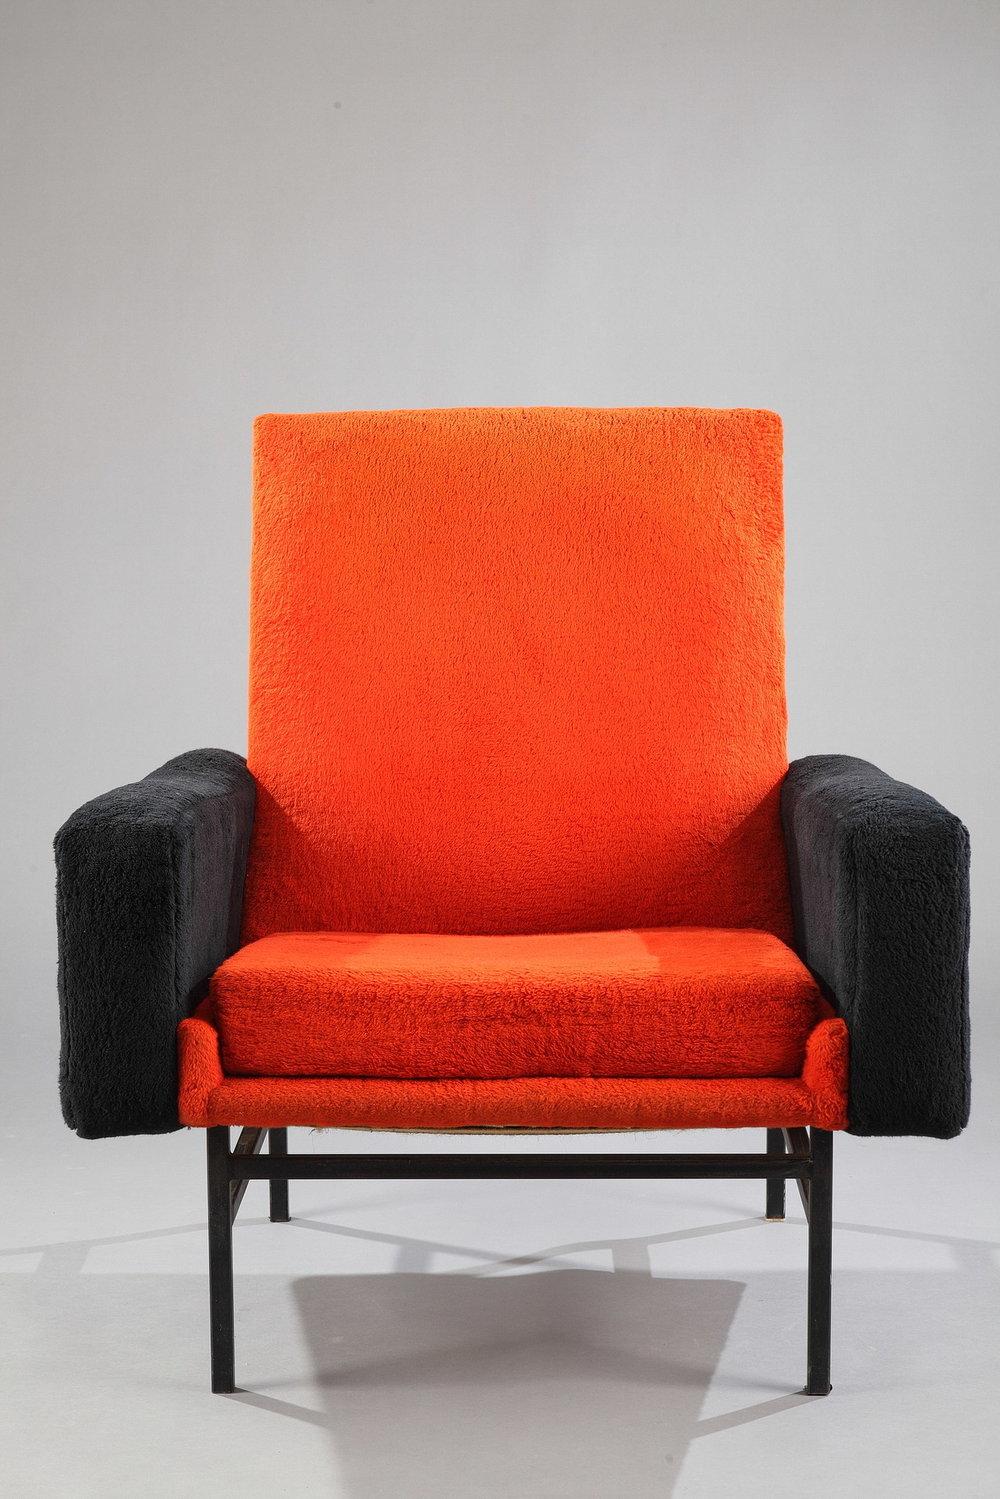 un fauteuil a r p mod le 642 pour steiner meubles. Black Bedroom Furniture Sets. Home Design Ideas